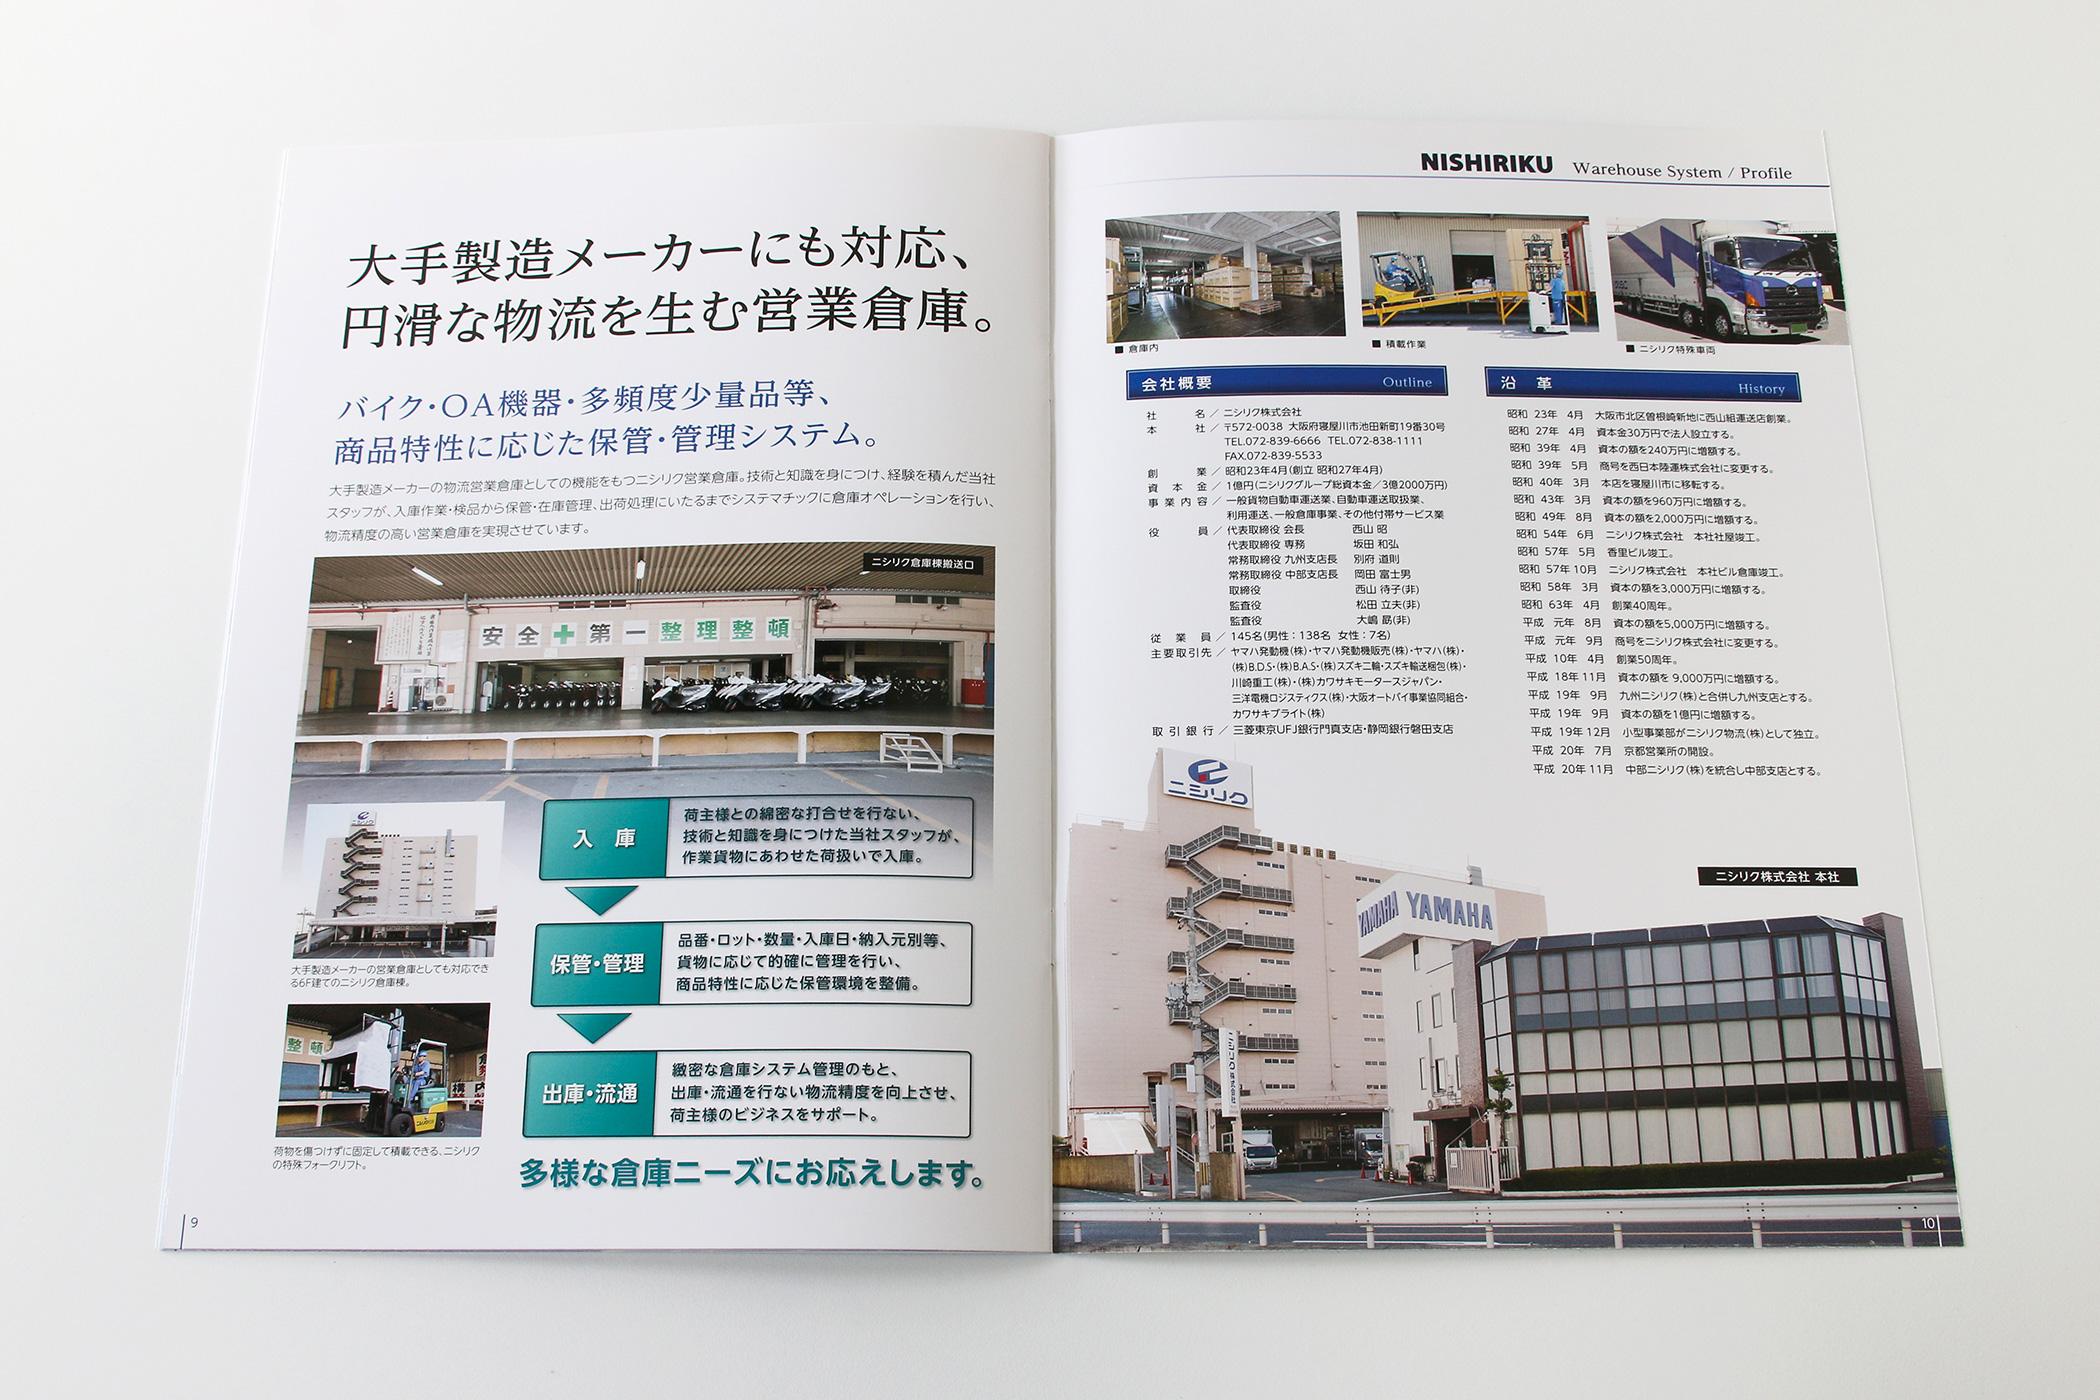 ニシリク株式会社-会社案内-倉庫業務・会社概要/沿革